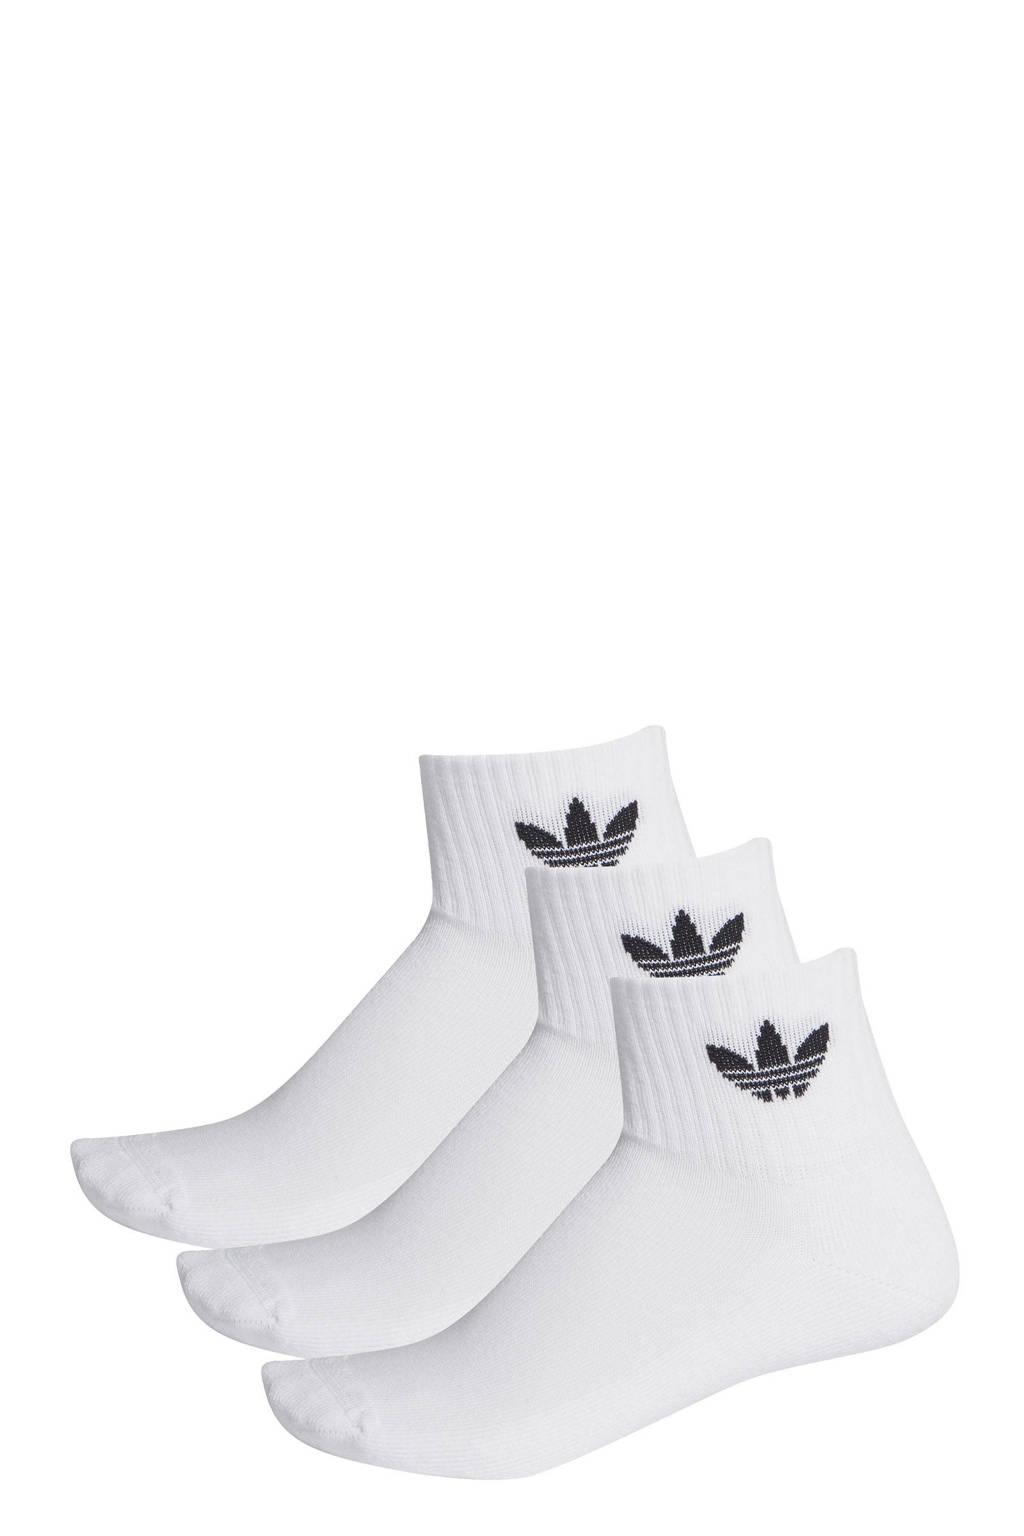 adidas Originals   Adicolor sokken set van 3 wit/zwart, Wit/zwart